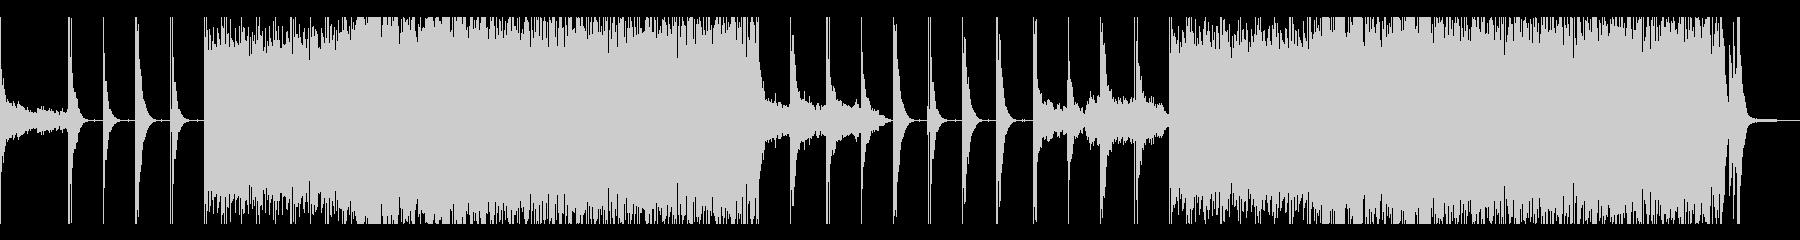 和太鼓中心の迫りくるエレクトロベースの未再生の波形